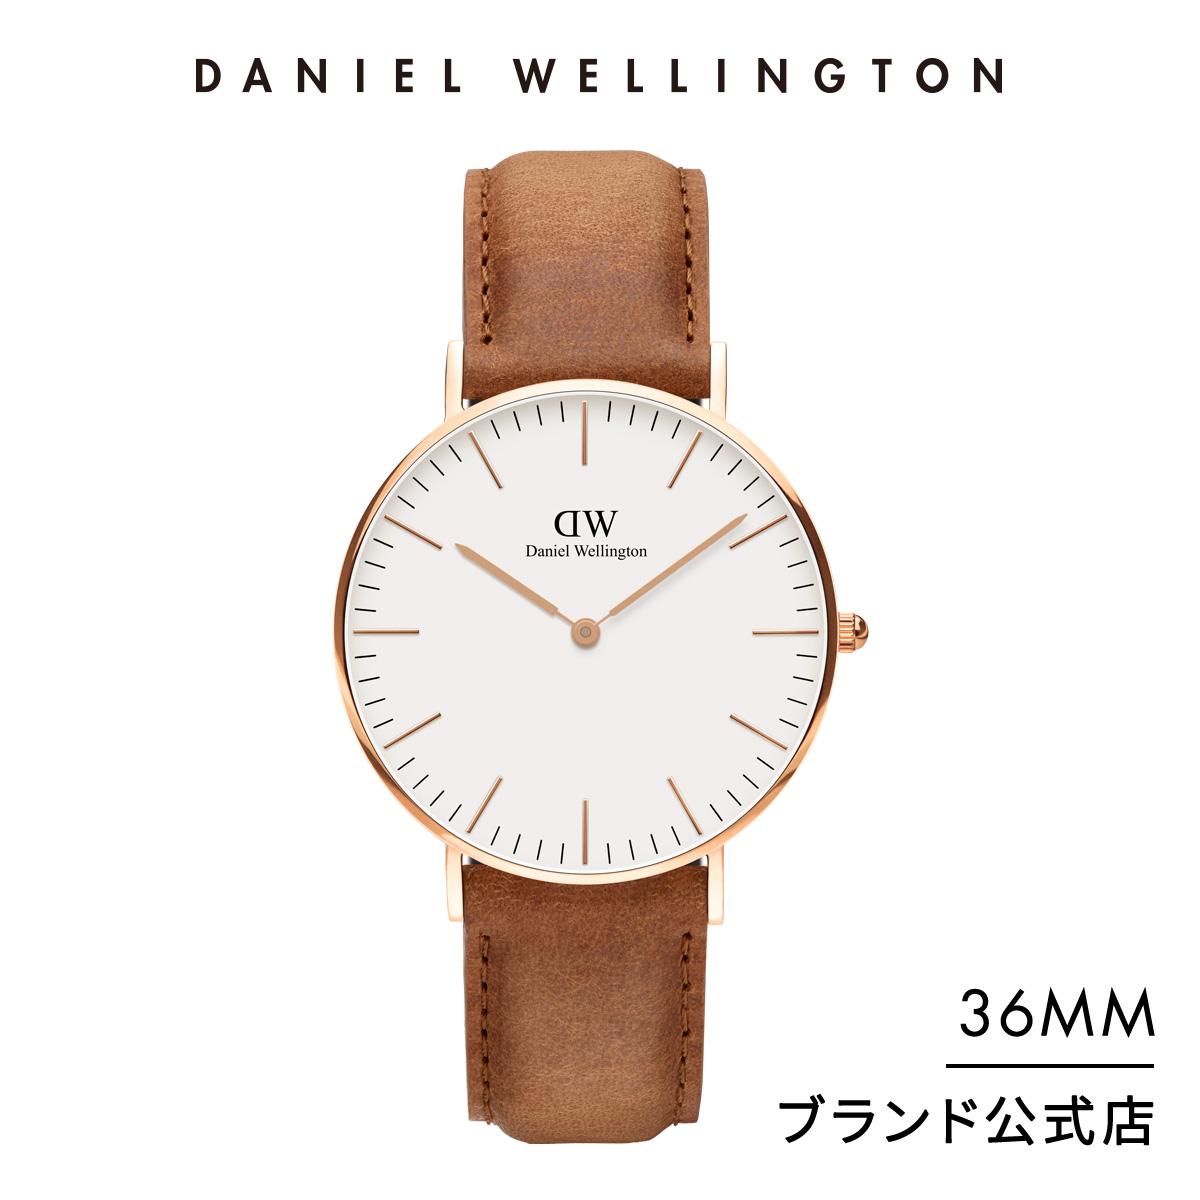 【公式2年保証/送料無料】ダニエルウェリントン公式 レディース 腕時計 Classic Durham 36mm 革 ベルト クラシック ダラム DW プレゼント おしゃれ インスタ映え ブランド 彼女 彼氏 ペアスタイルに最適 ウォッチ ボーナス